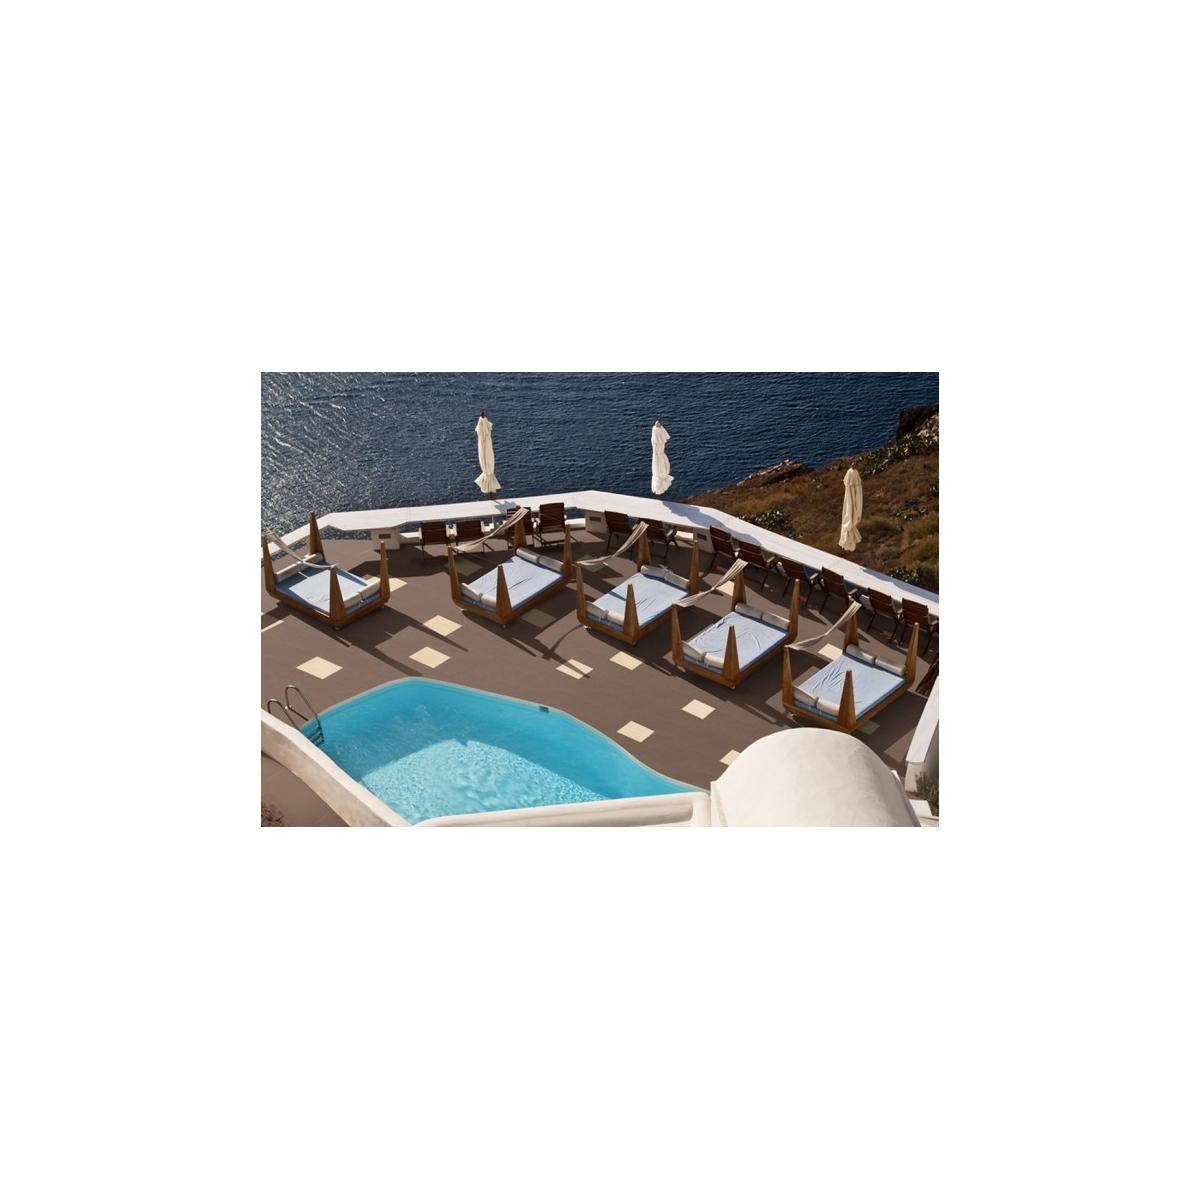 Base Trópico Grain 40x40 Colección Venatto - Bordes de piscina